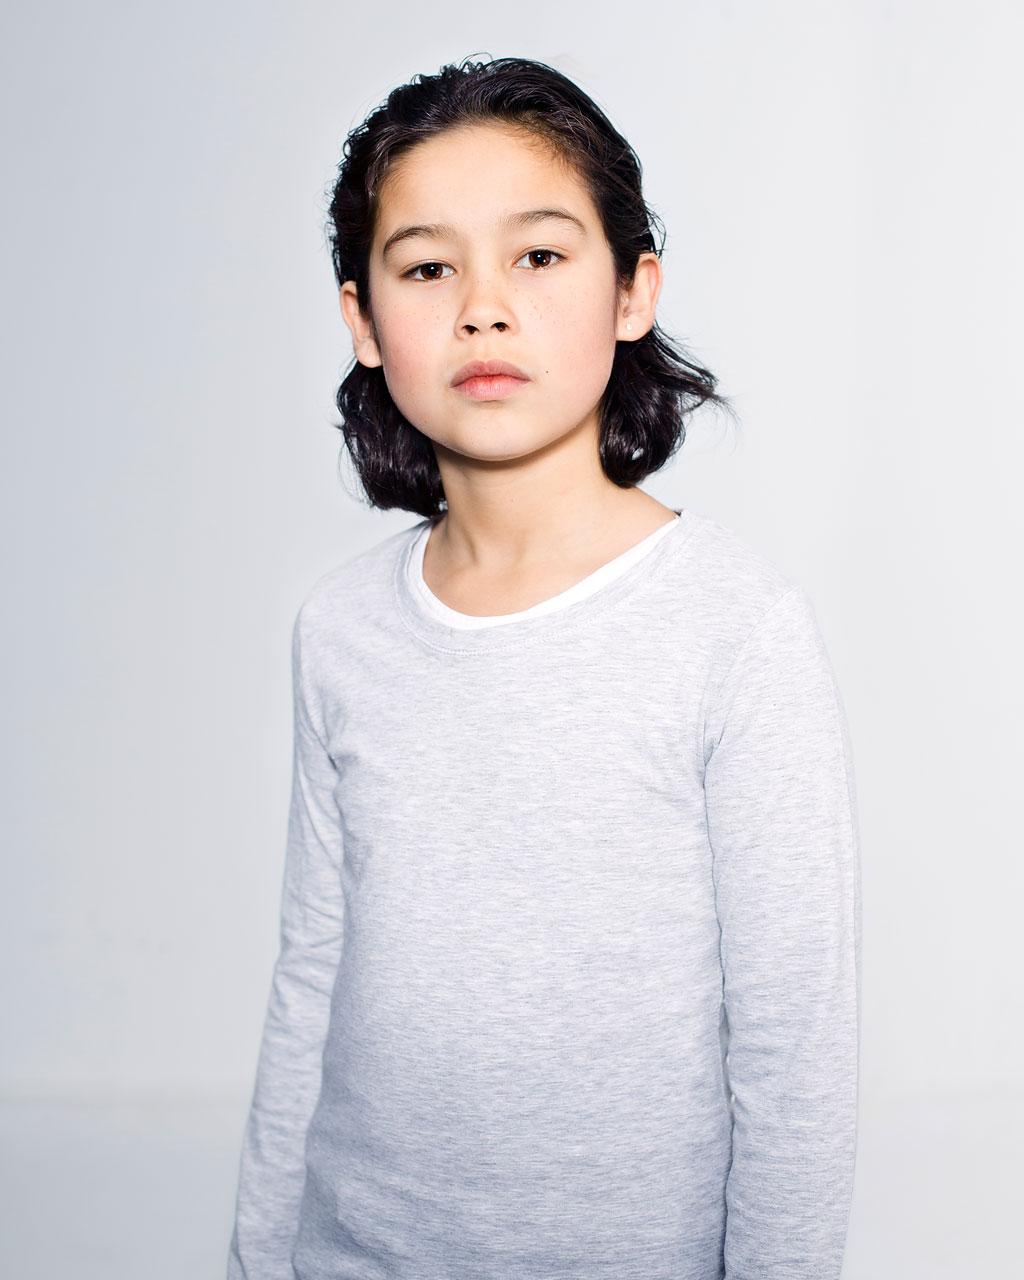 Joëlle de Vries - Boys & Girls - Felix Schoeller Photoaward